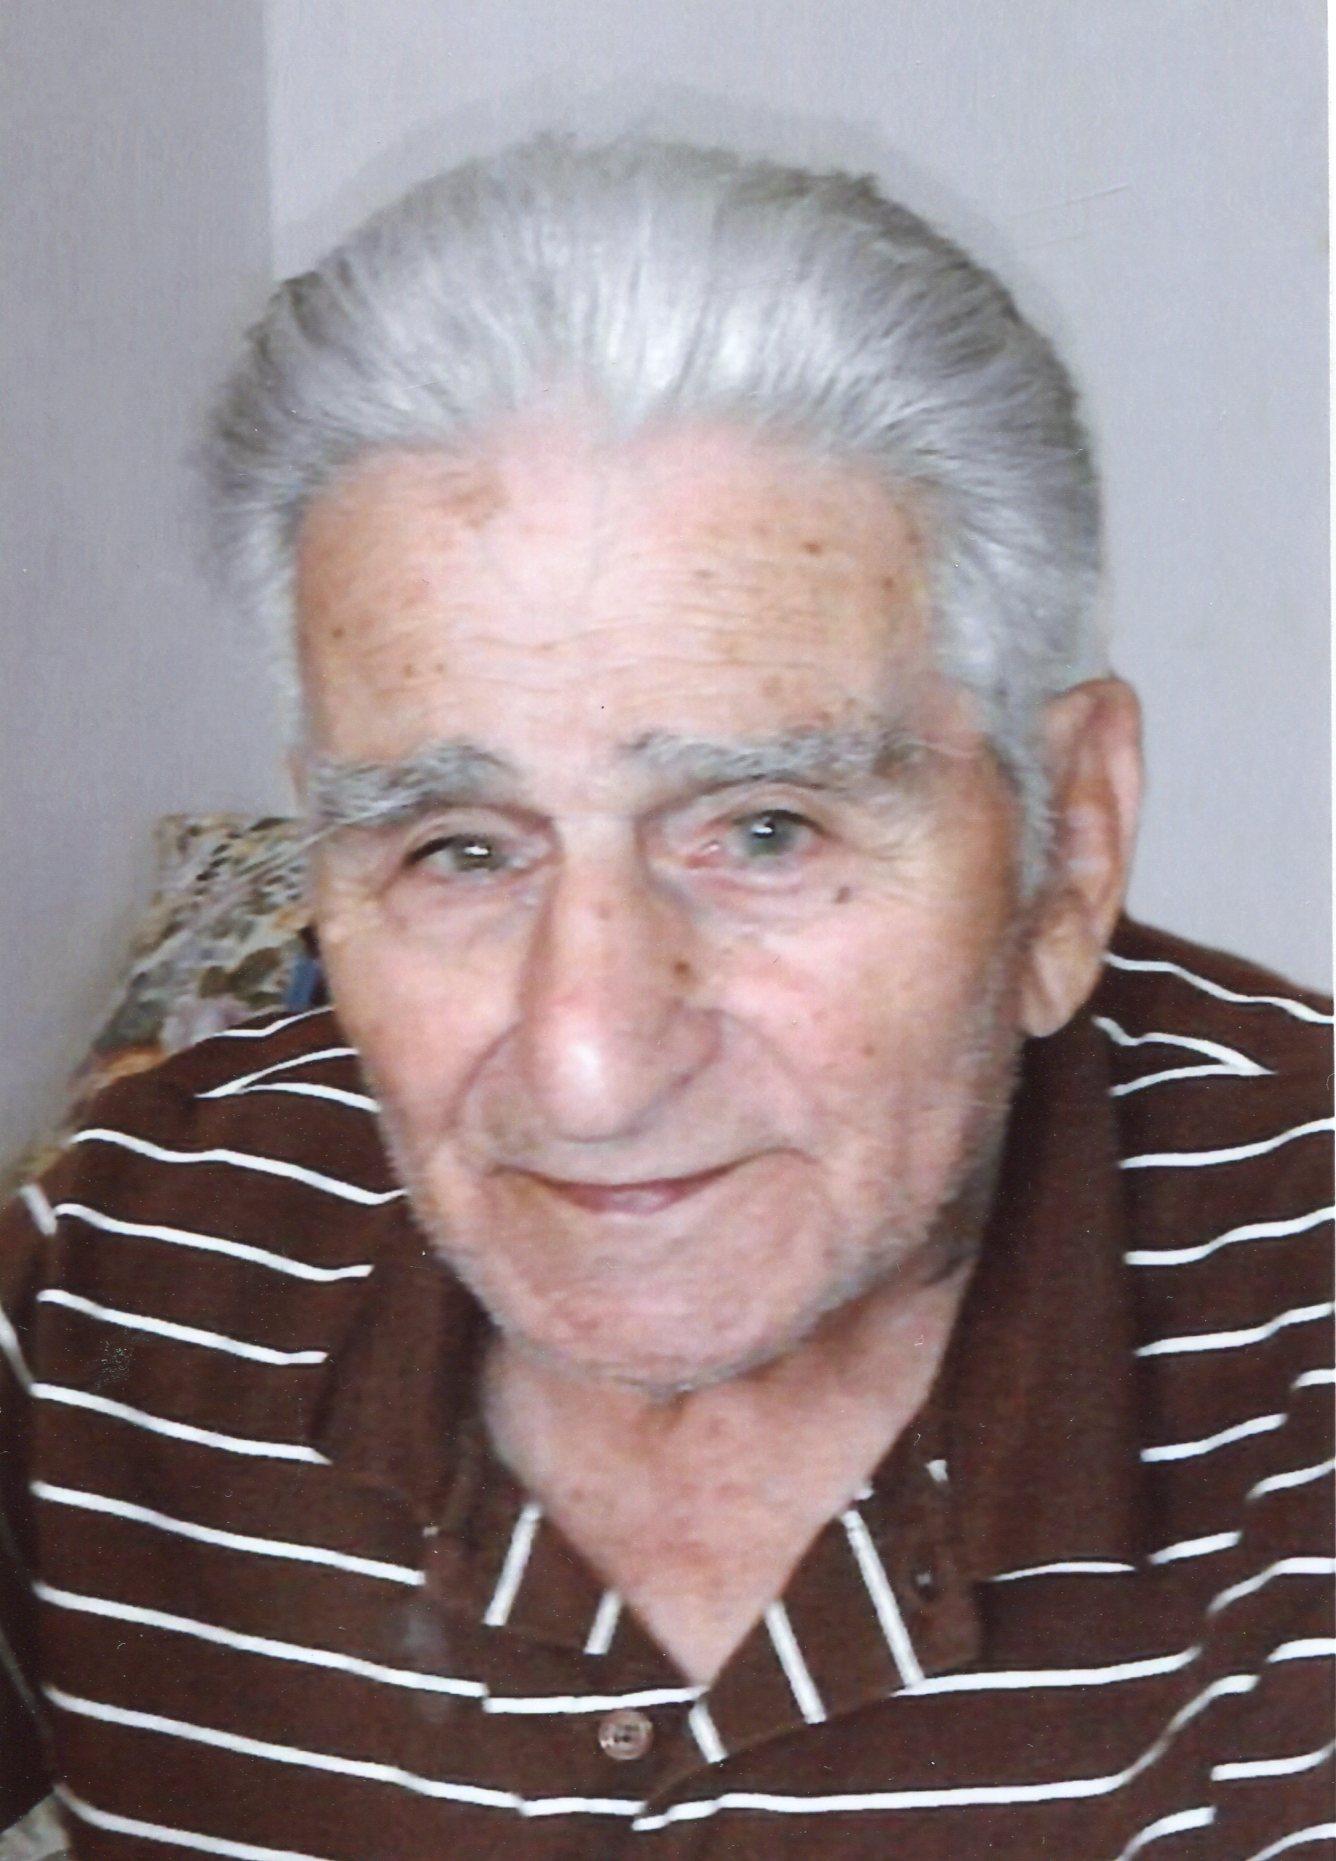 Necrologi Levone - Carlo Cussotto